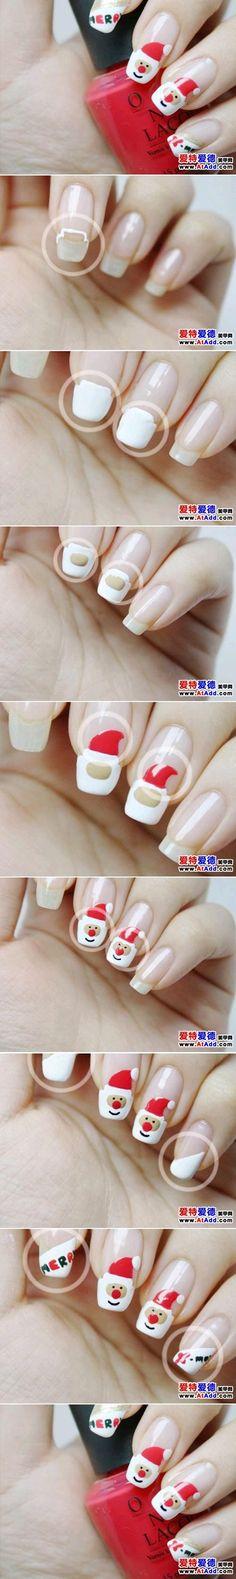 Santa Claus Nail Art Tutorial #nails